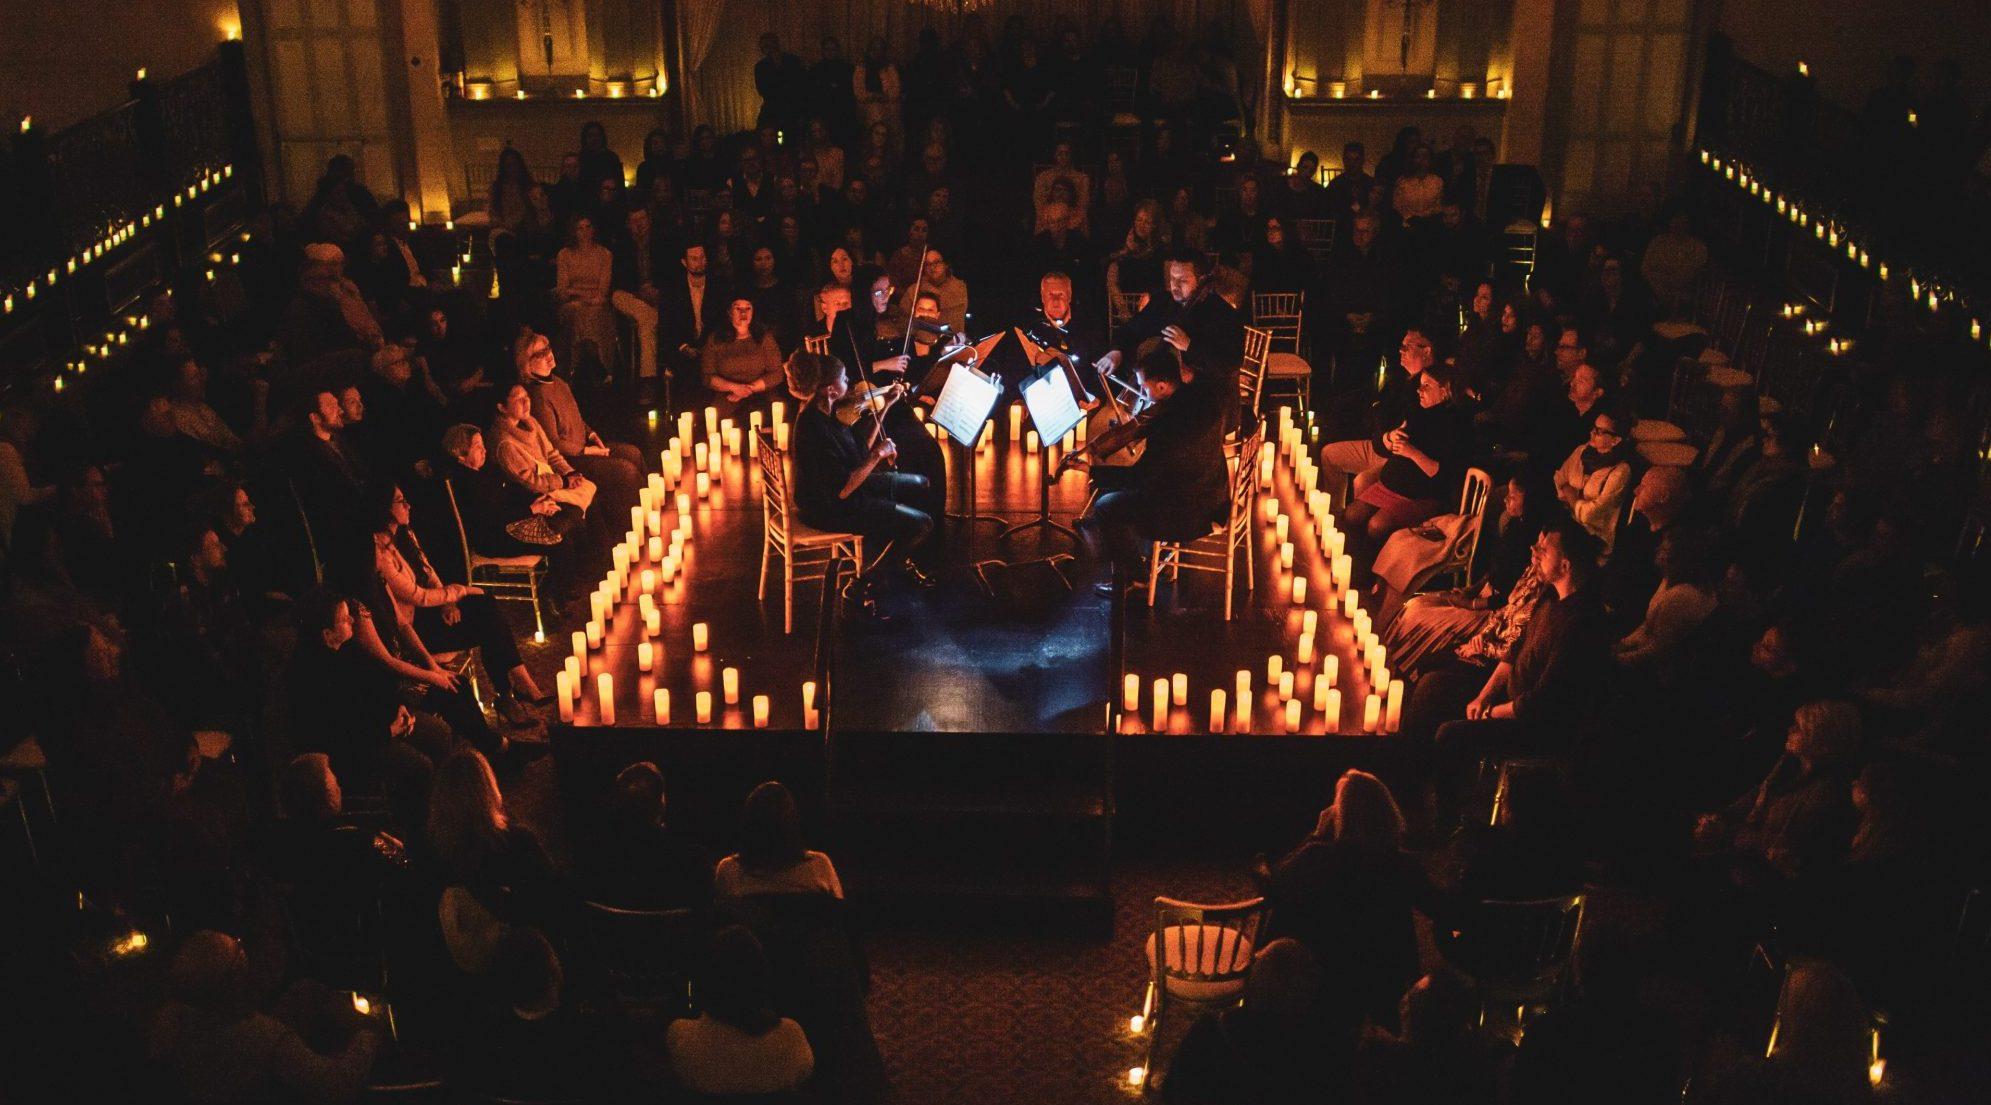 quatuor candlelight concert bougie michael jackson paris